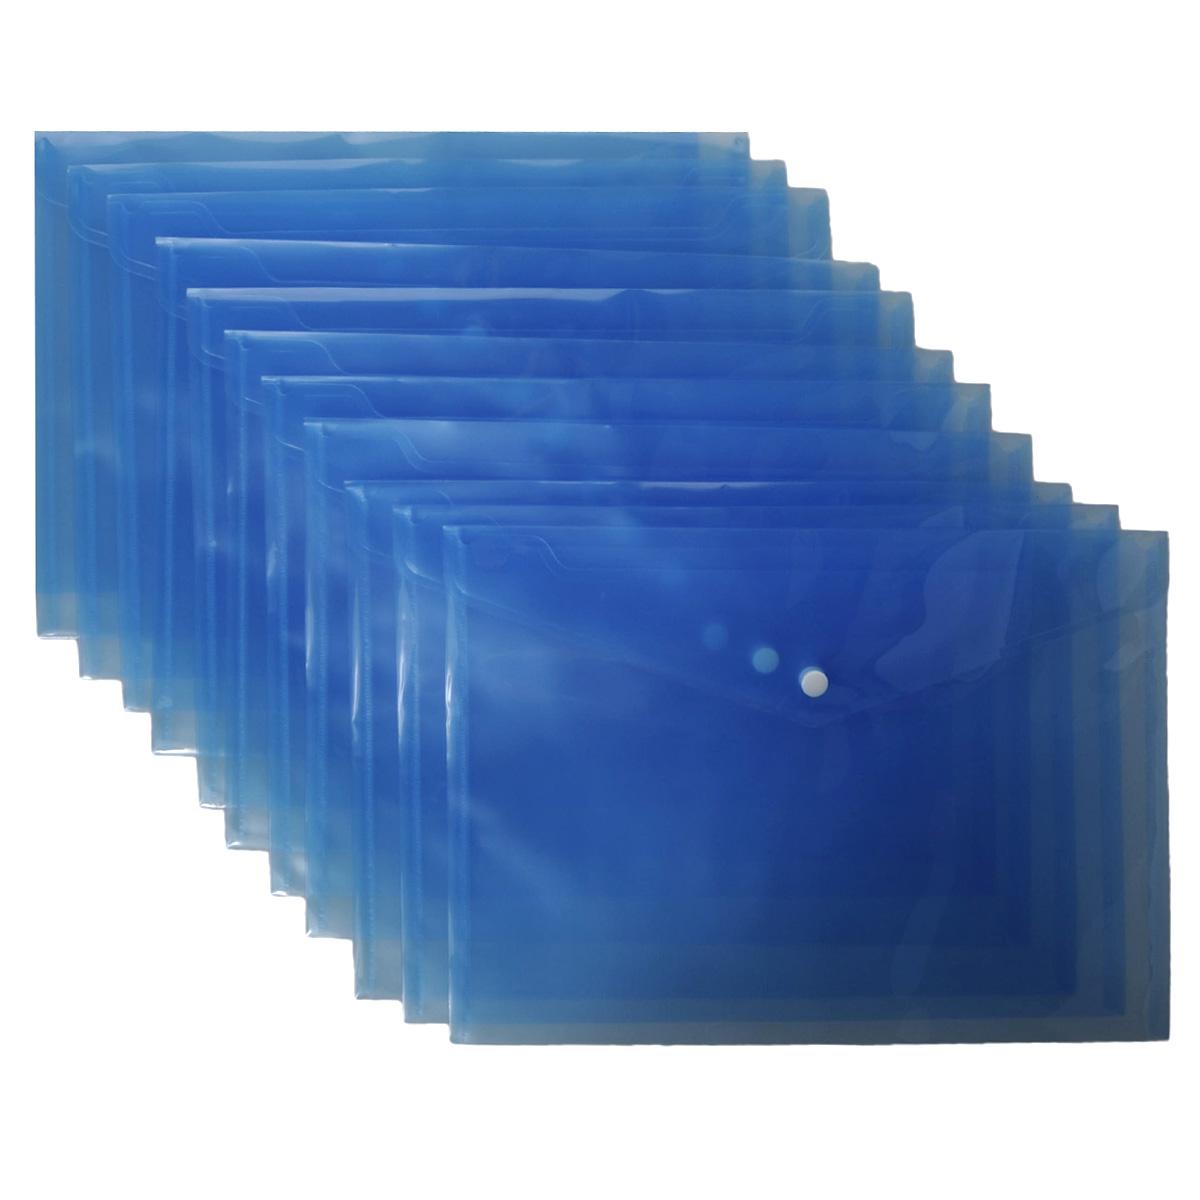 Папка-конверт на кнопке Centrum, цвет: синий. Формат А4, 12 шт291980-76Папка-конверт на кнопке Centrum - это удобный и функциональный офисный инструмент, предназначенный для хранения и транспортировки рабочих бумаг и документов формата А4. Папка изготовлена из полупрозрачного пластика, закрывается клапаном на кнопке. В комплект входят 12 папок формата A4. Папка-конверт - это незаменимый атрибут для студента, школьника, офисного работника. Такая папка надежно сохранит ваши документы и сбережет их от повреждений, пыли и влаги.